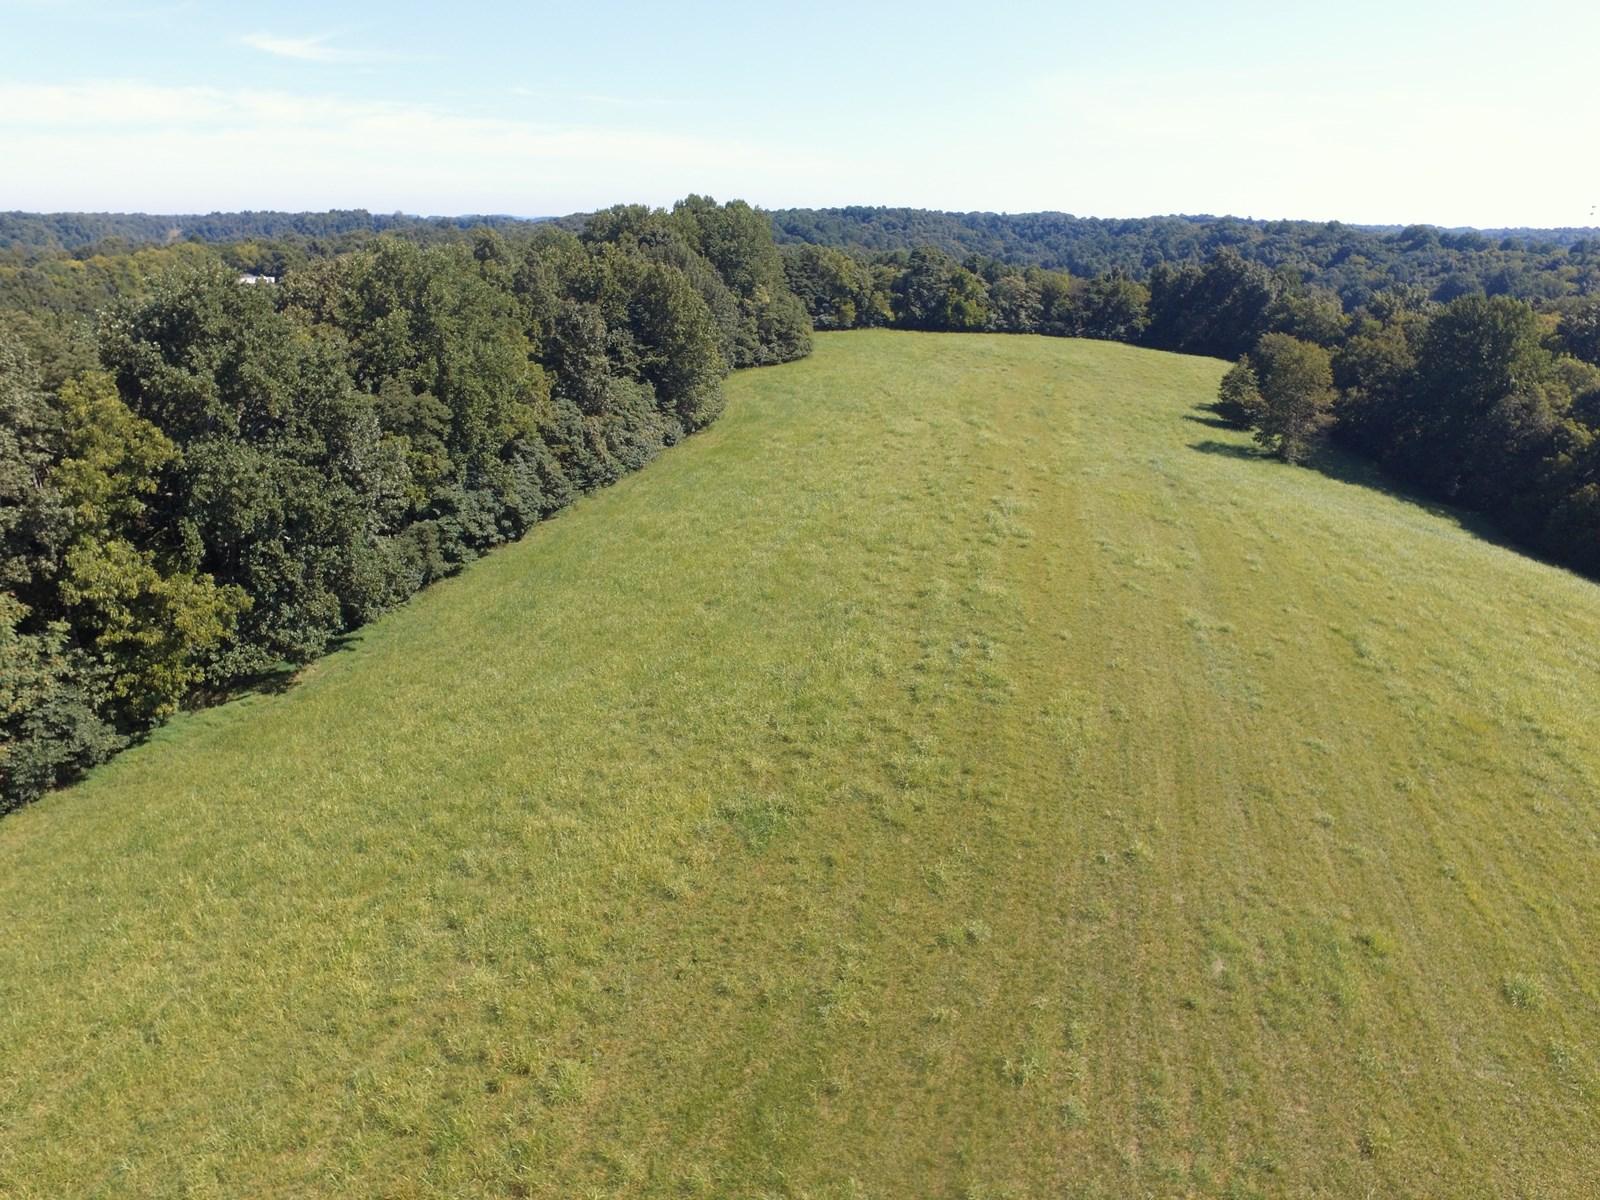 41 Acres of Pasture